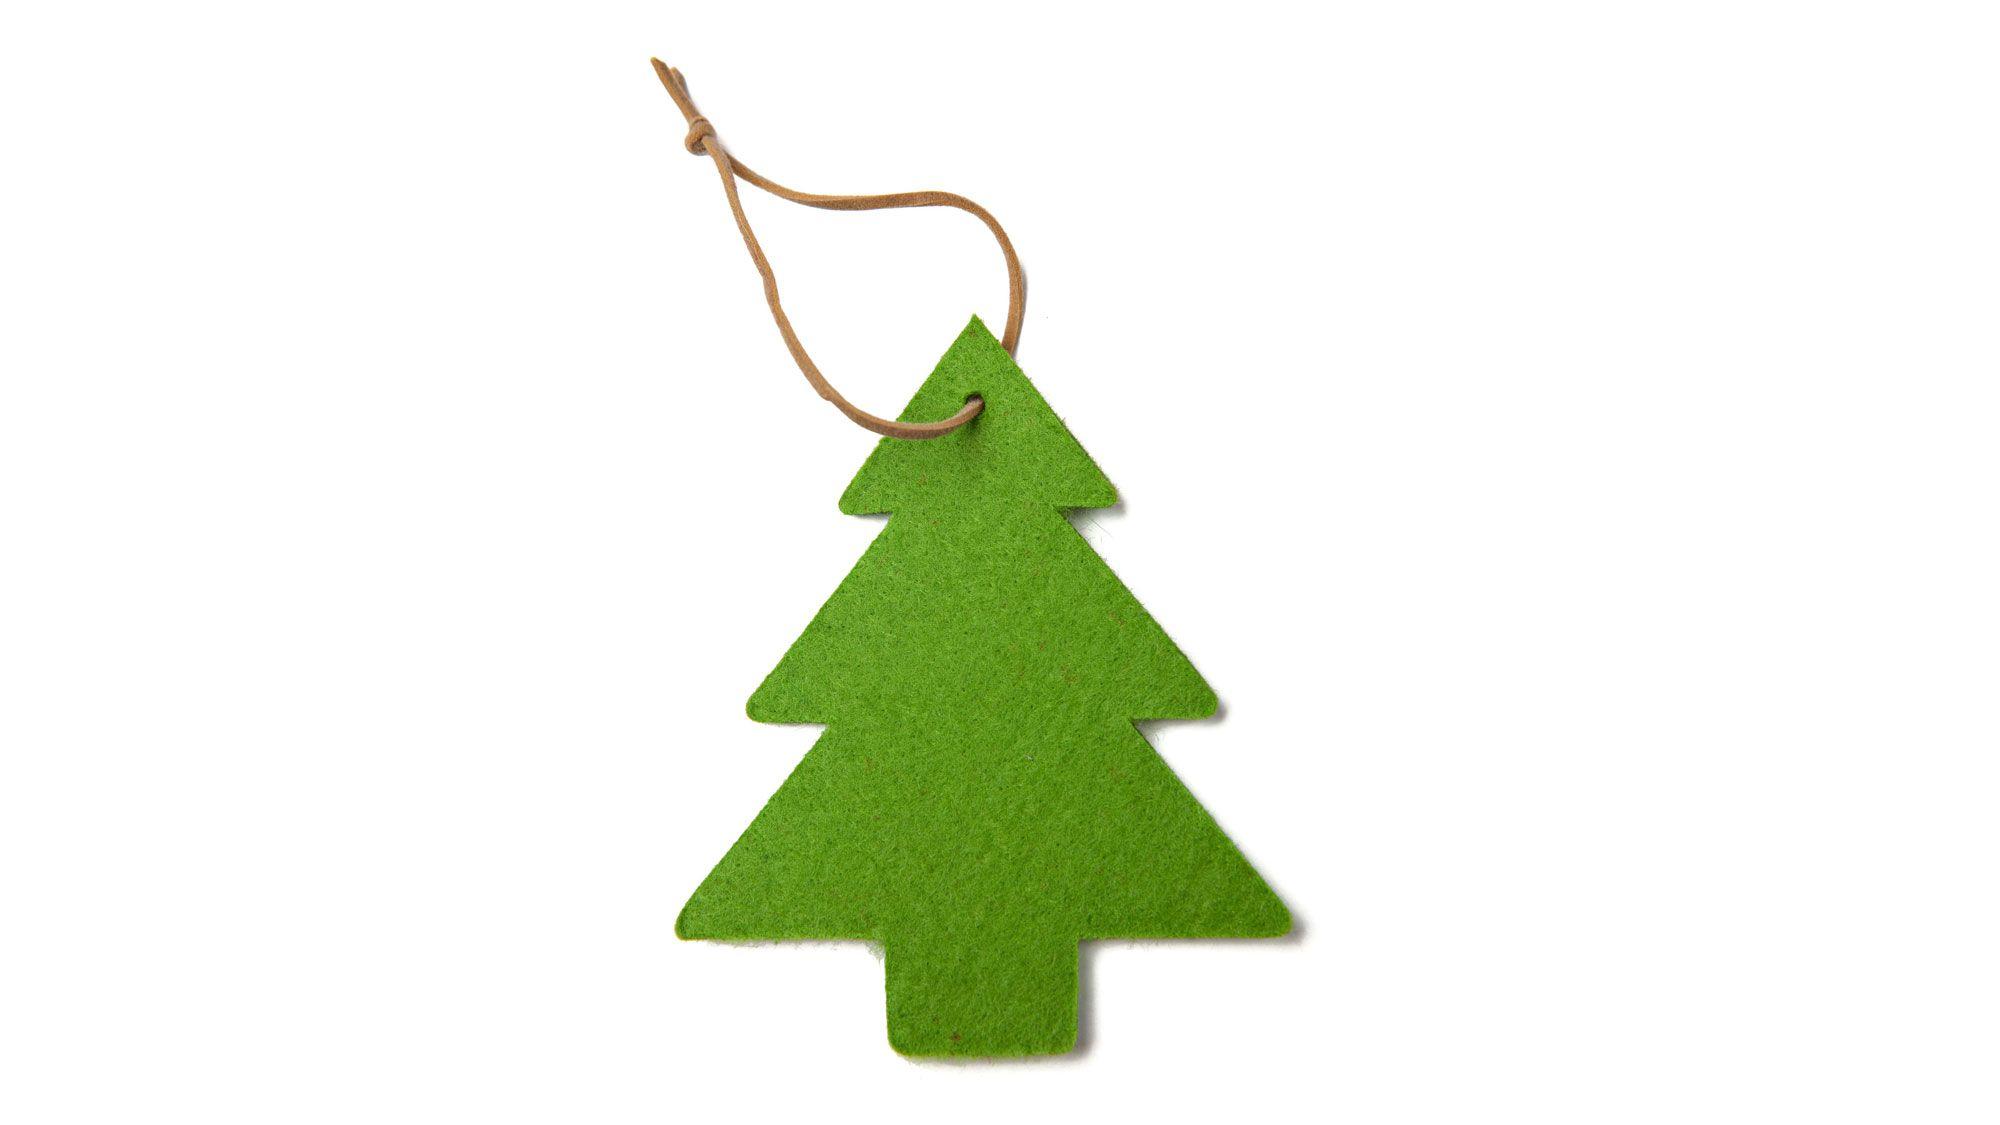 Hacer un rbol de navidad de fieltro hogarmania - Arbol de navidad de fieltro ...